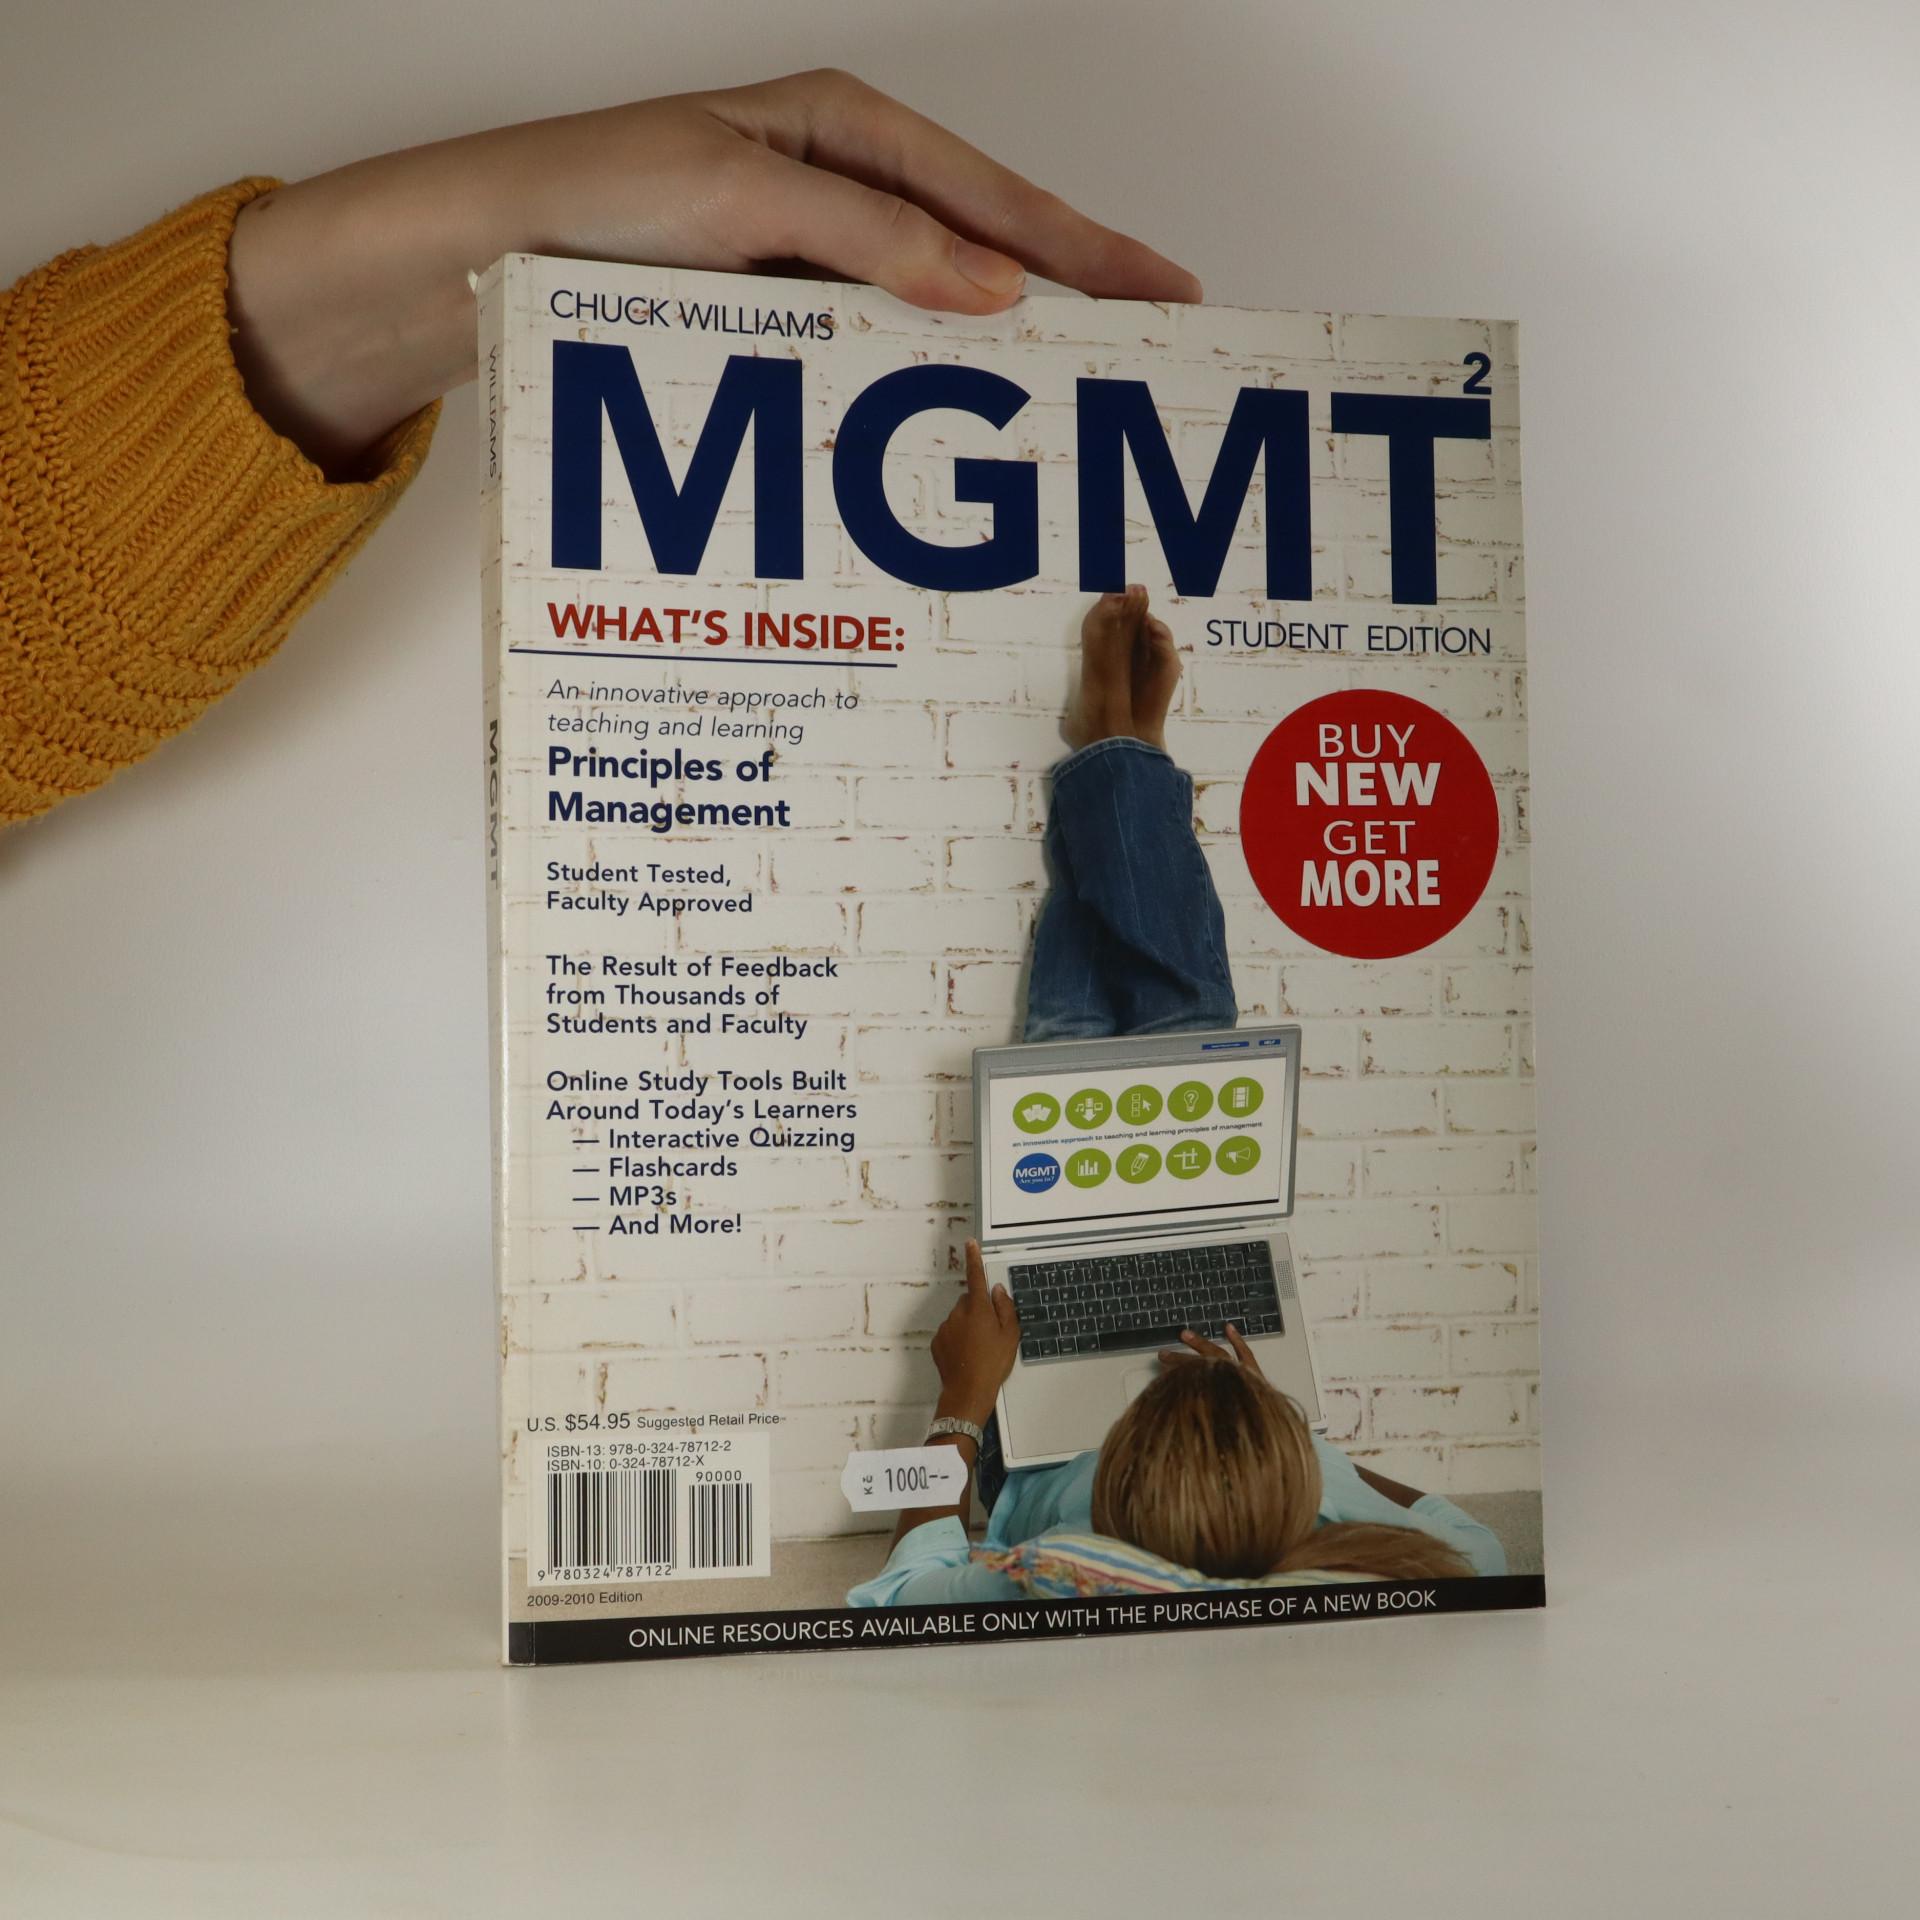 antikvární kniha MGMT2 Student Edition, neuveden